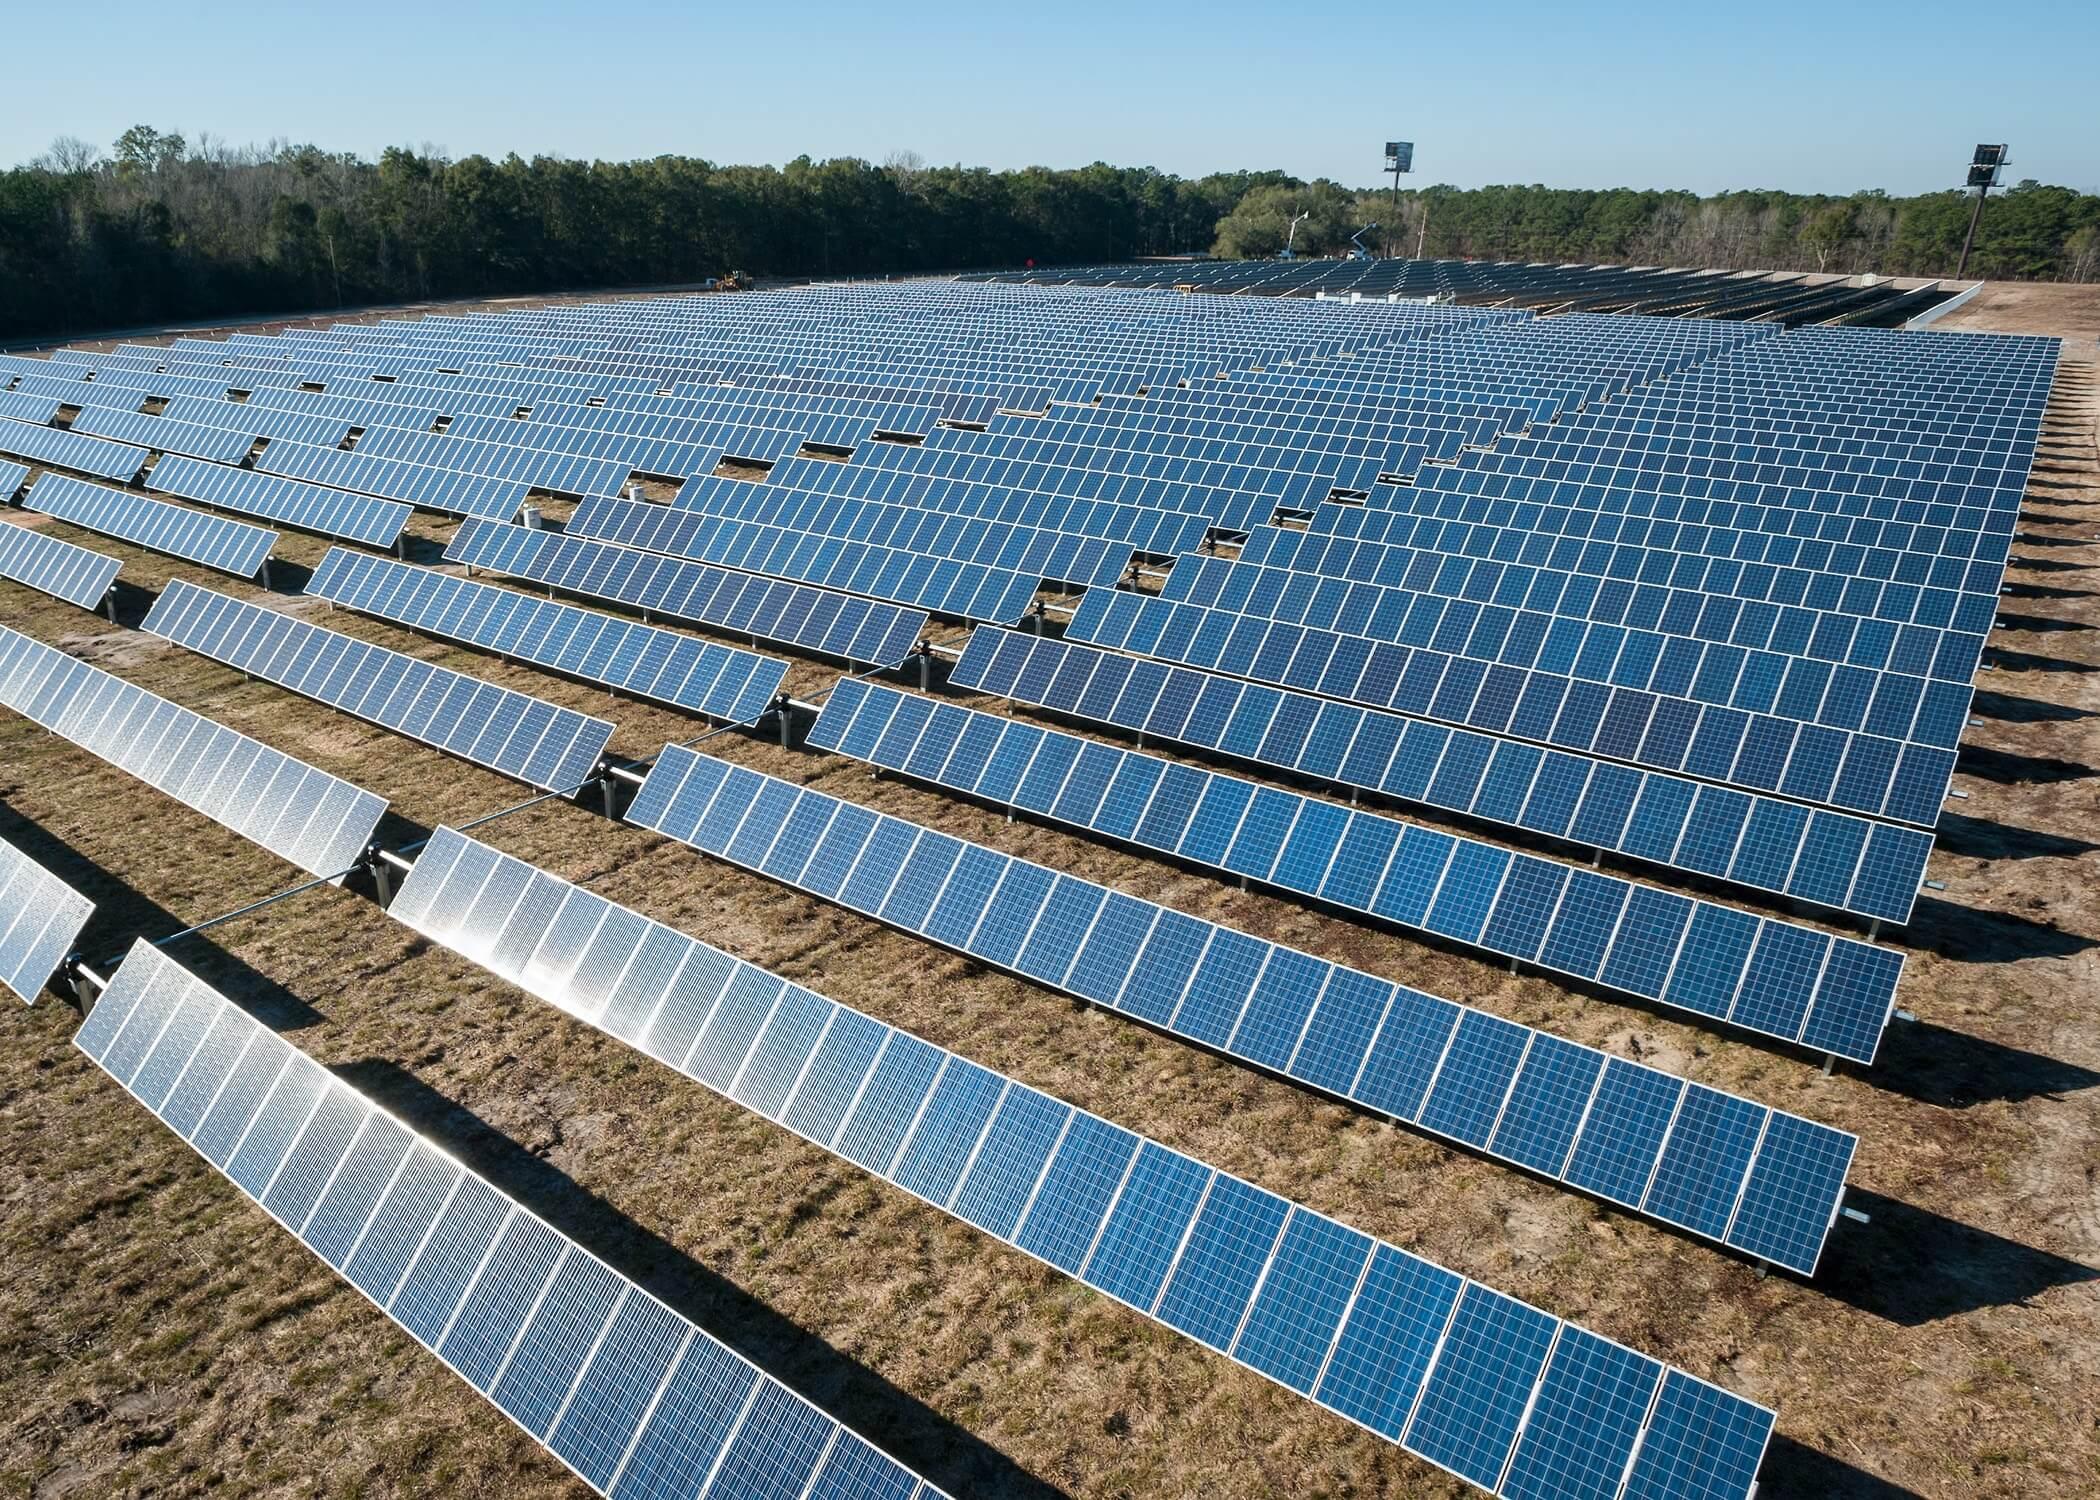 Werken zonnepanelen 's winters ook nog?